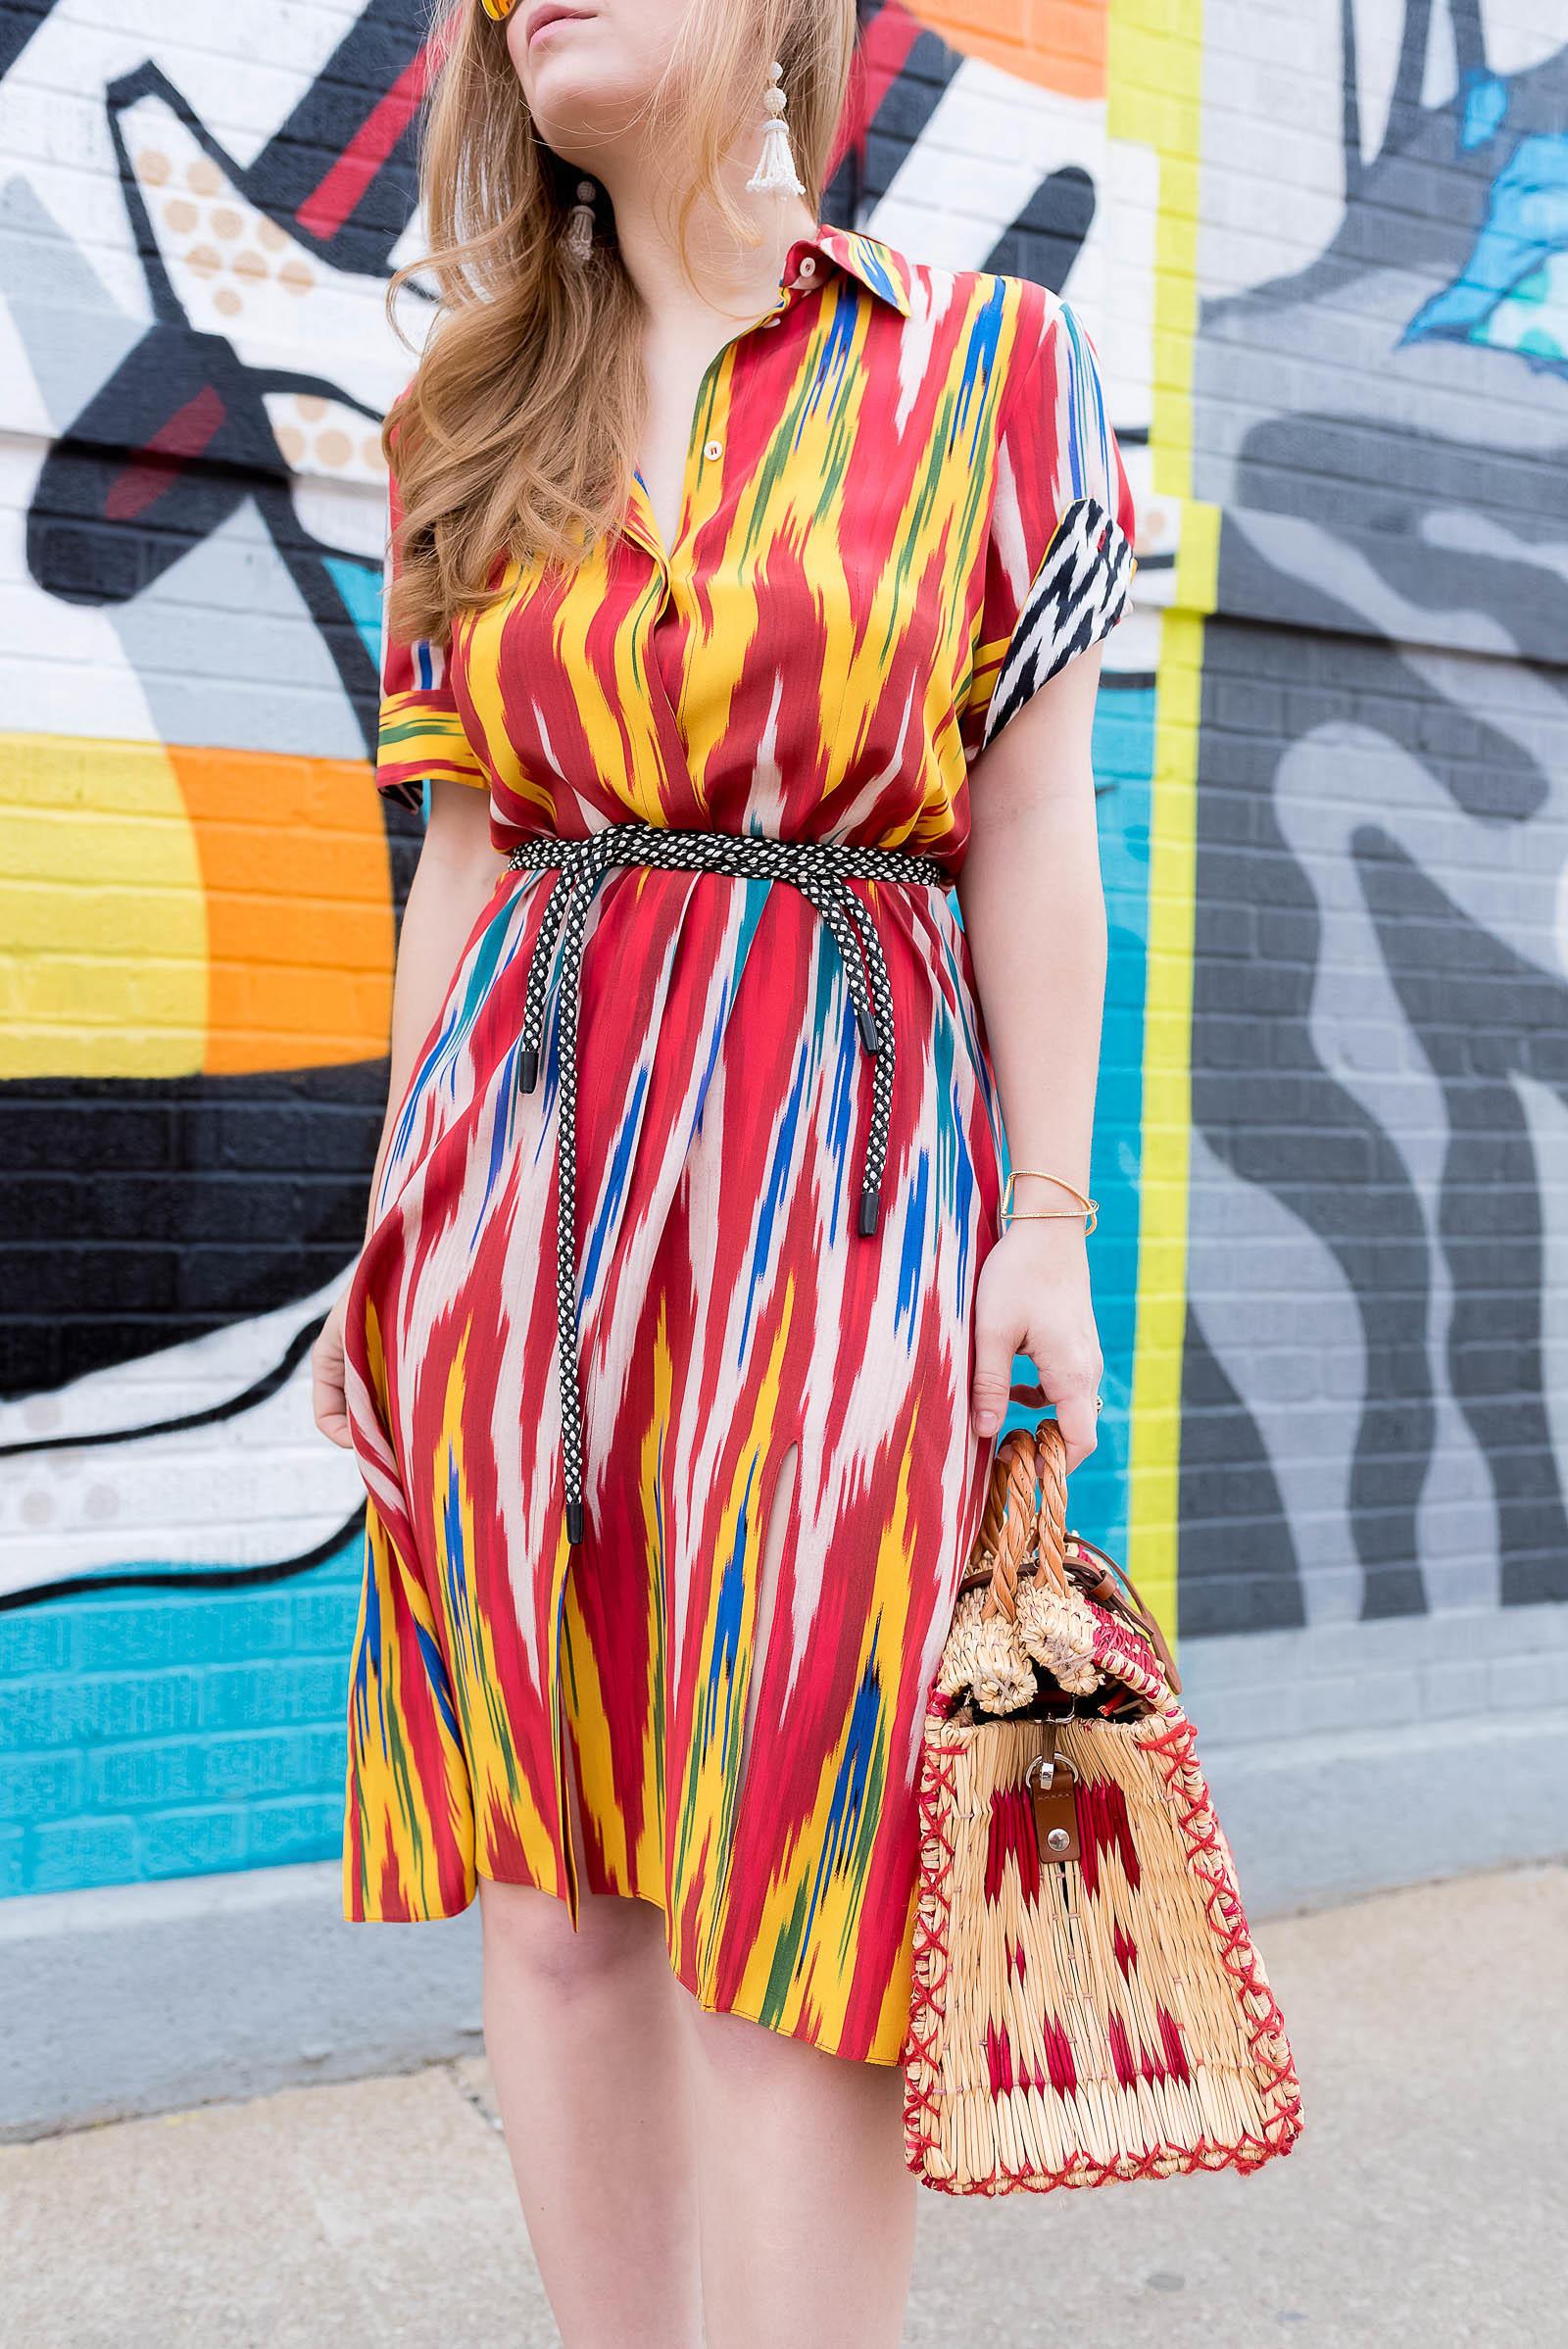 Altuzarra Ikat Dress Toino Abel Basket Bag Red Outfit